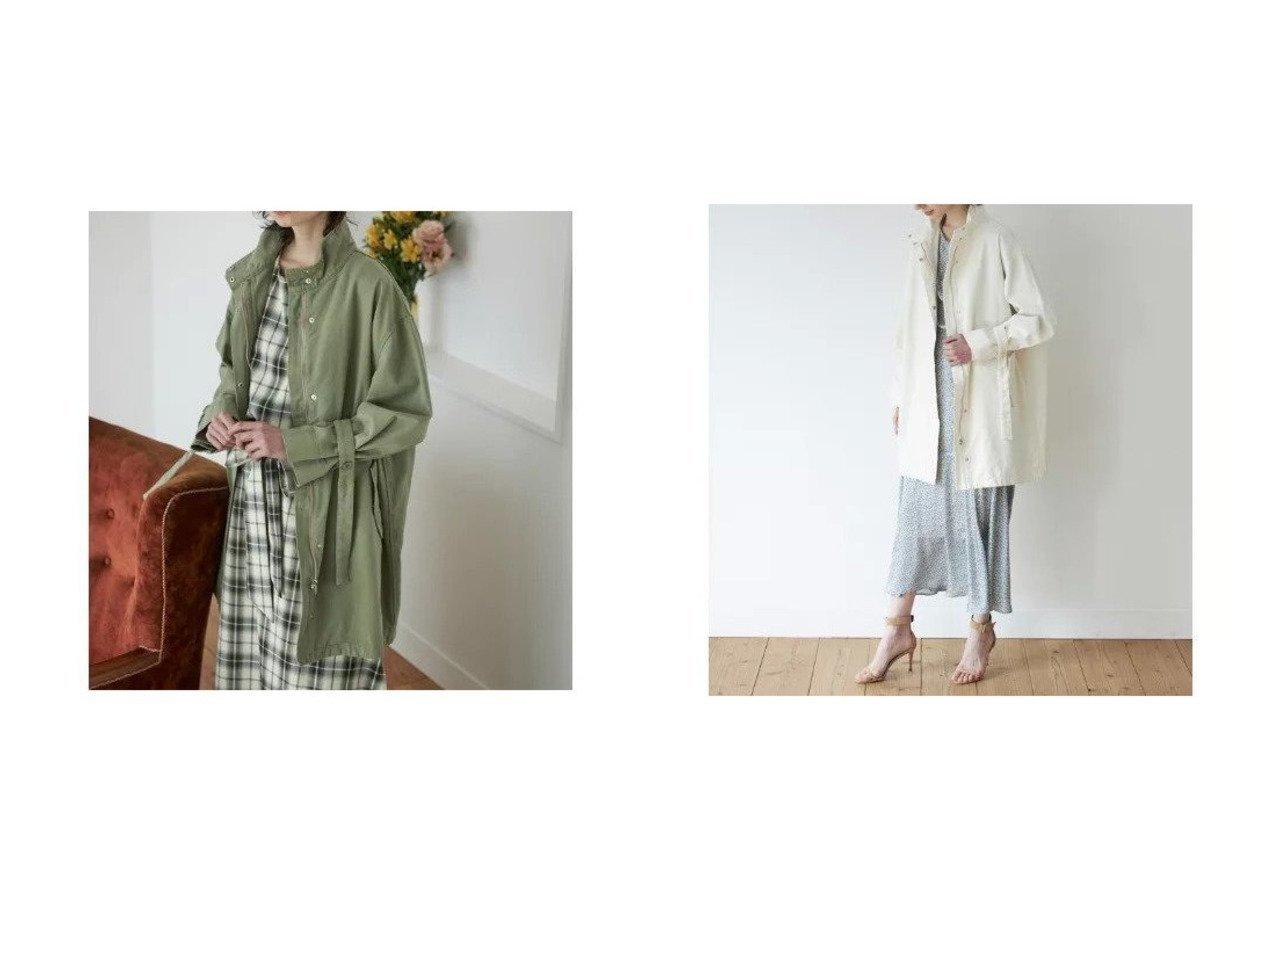 【CLEAR IMPRESSION/クリアインプレッション】の《musee》ミリタリーコート アウターのおすすめ!人気、トレンド・レディースファッションの通販 おすすめで人気の流行・トレンド、ファッションの通販商品 メンズファッション・キッズファッション・インテリア・家具・レディースファッション・服の通販 founy(ファニー) https://founy.com/ ファッション Fashion レディースファッション WOMEN アウター Coat Outerwear コート Coats スリーブ バランス ミリタリー ユーズド ワイド |ID:crp329100000022654